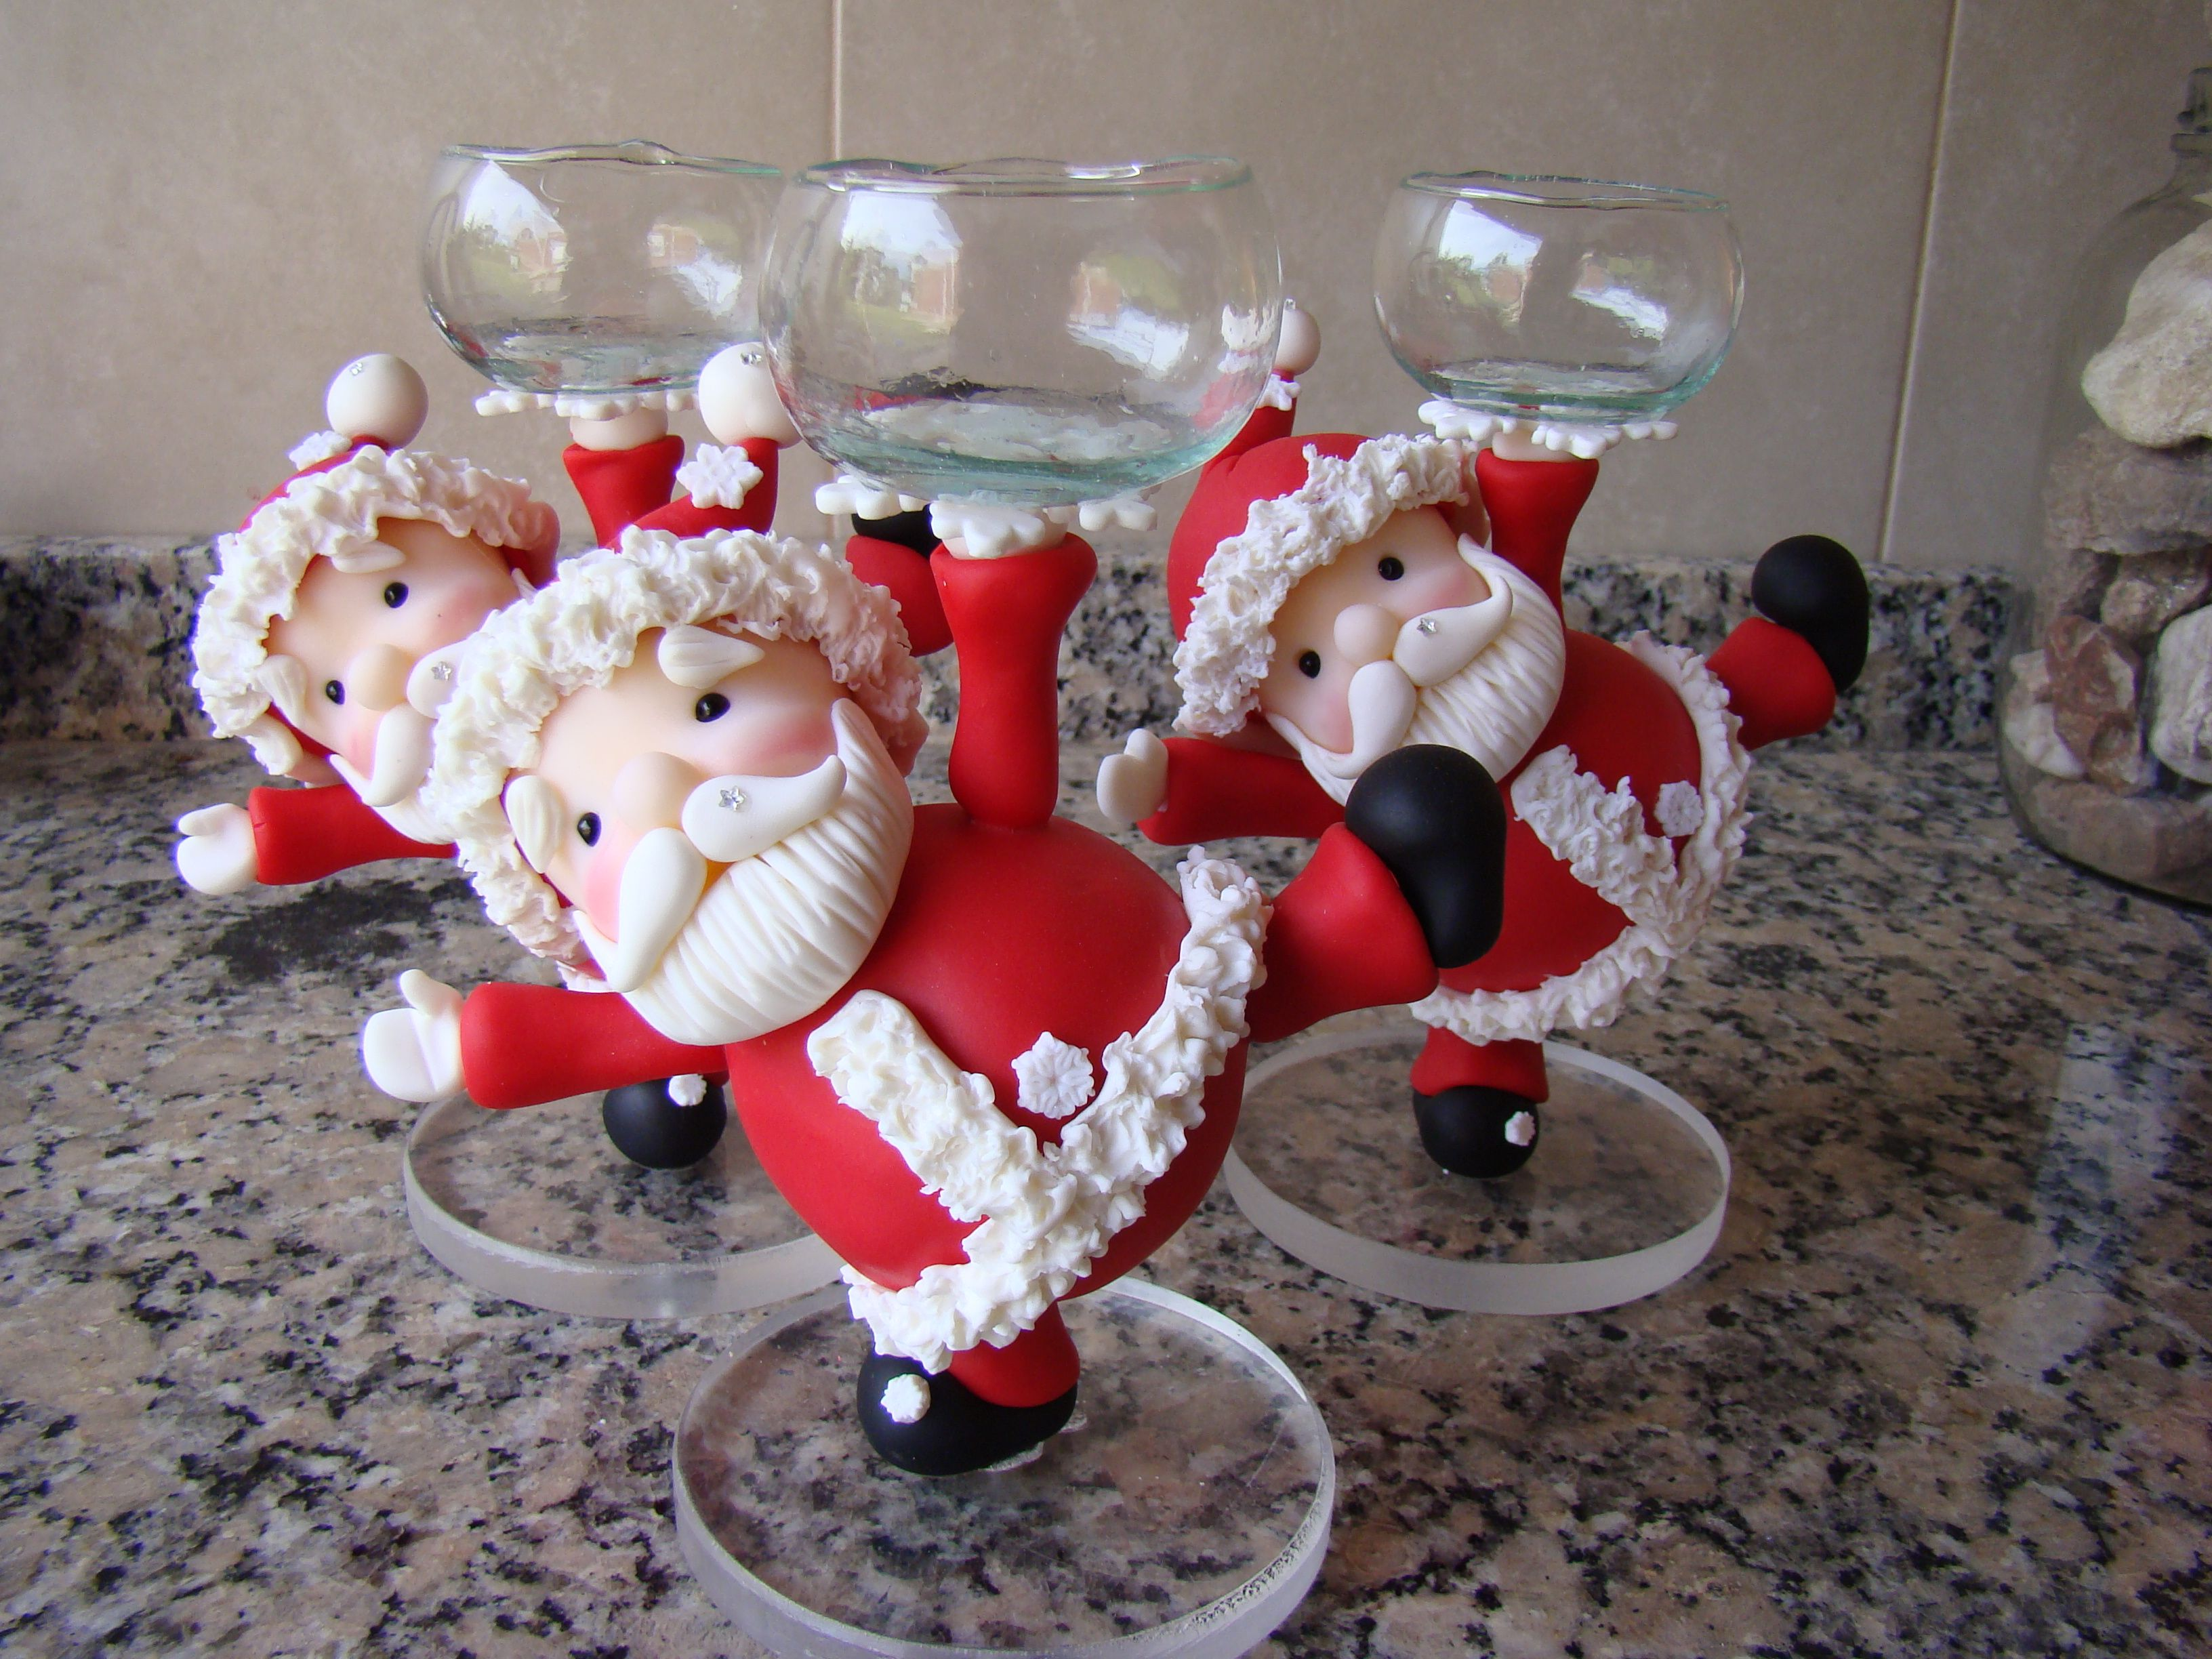 Papa noel realizado en porcelana fria navidad en for Adornos navidenos en porcelana fria utilisima